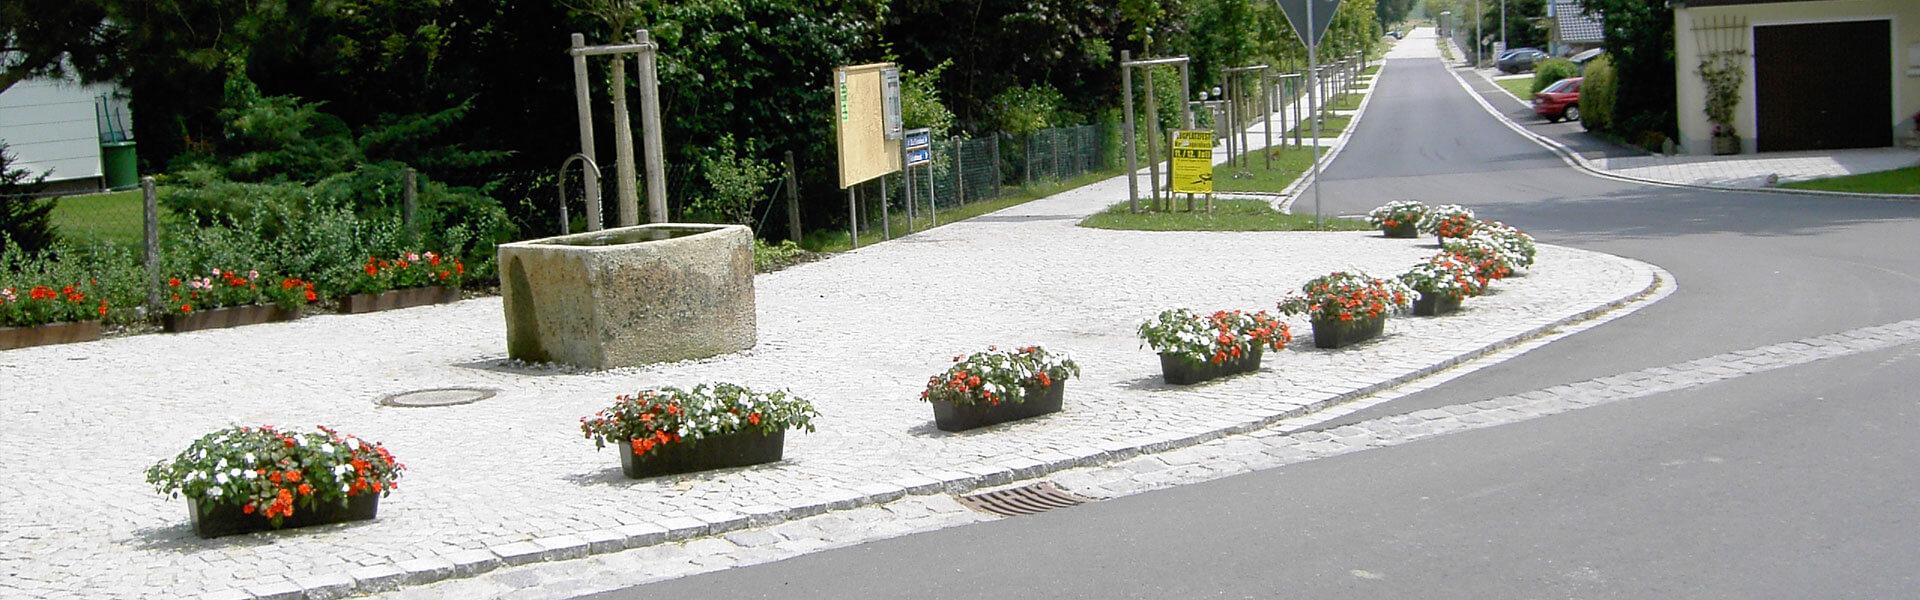 Dorferneuerung bei Ingenieurbüro Bulhões in Taufkirchen